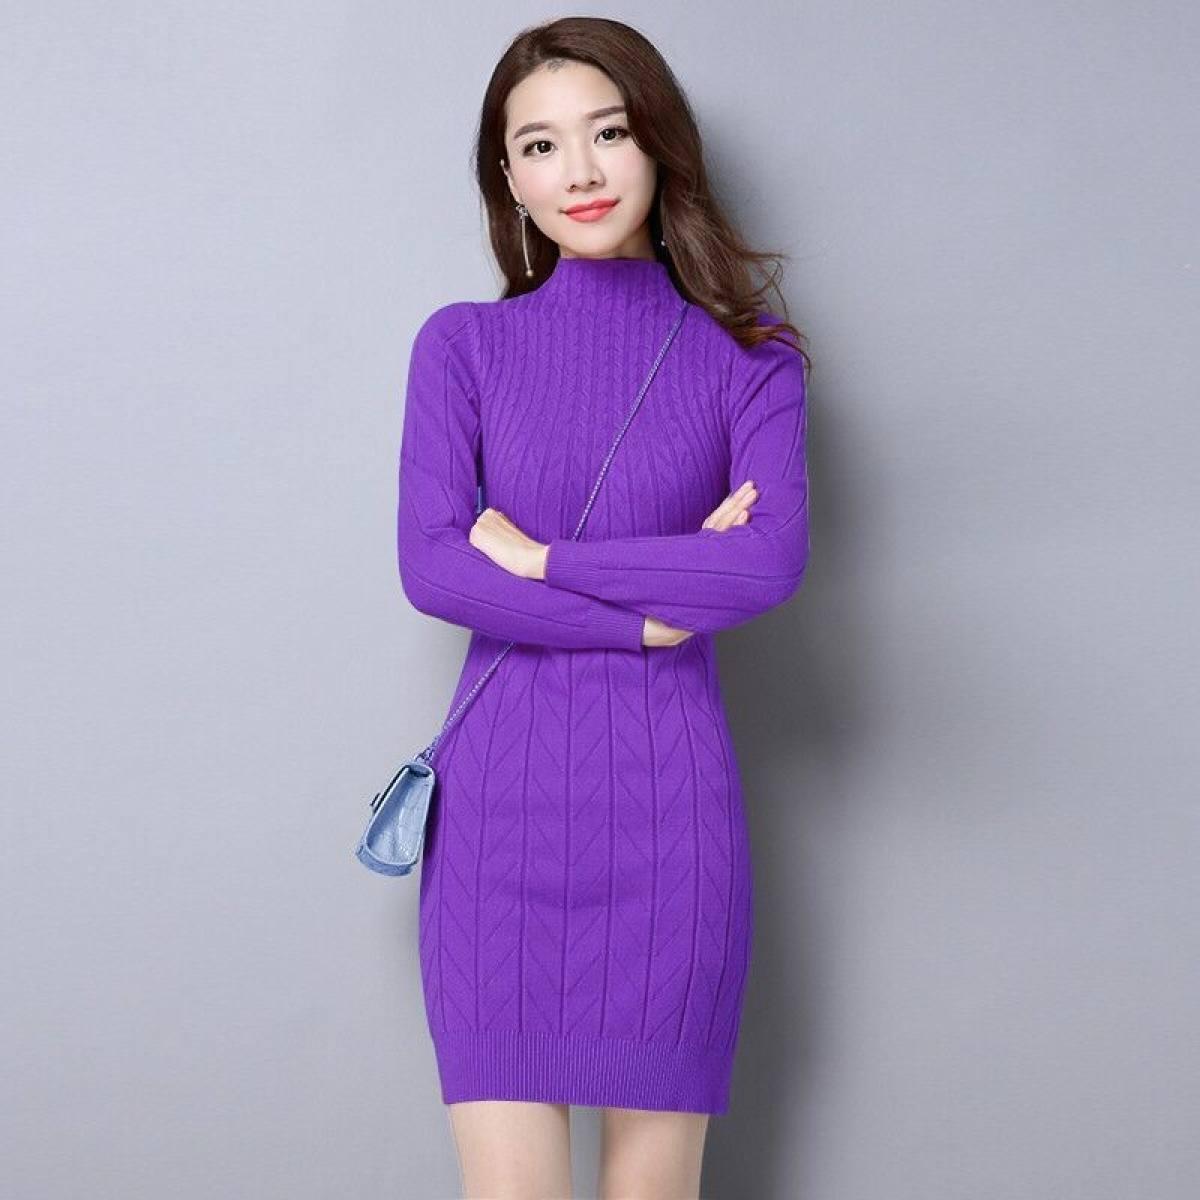 2021 Thu Đông Mẫu Mới Big Size Kiểu Lửng Dệt Kim Áo Mặc Trong Dễ Phối Dày Hơn Áo Len Nữ Ôm Body Tôn Dáng Đầm